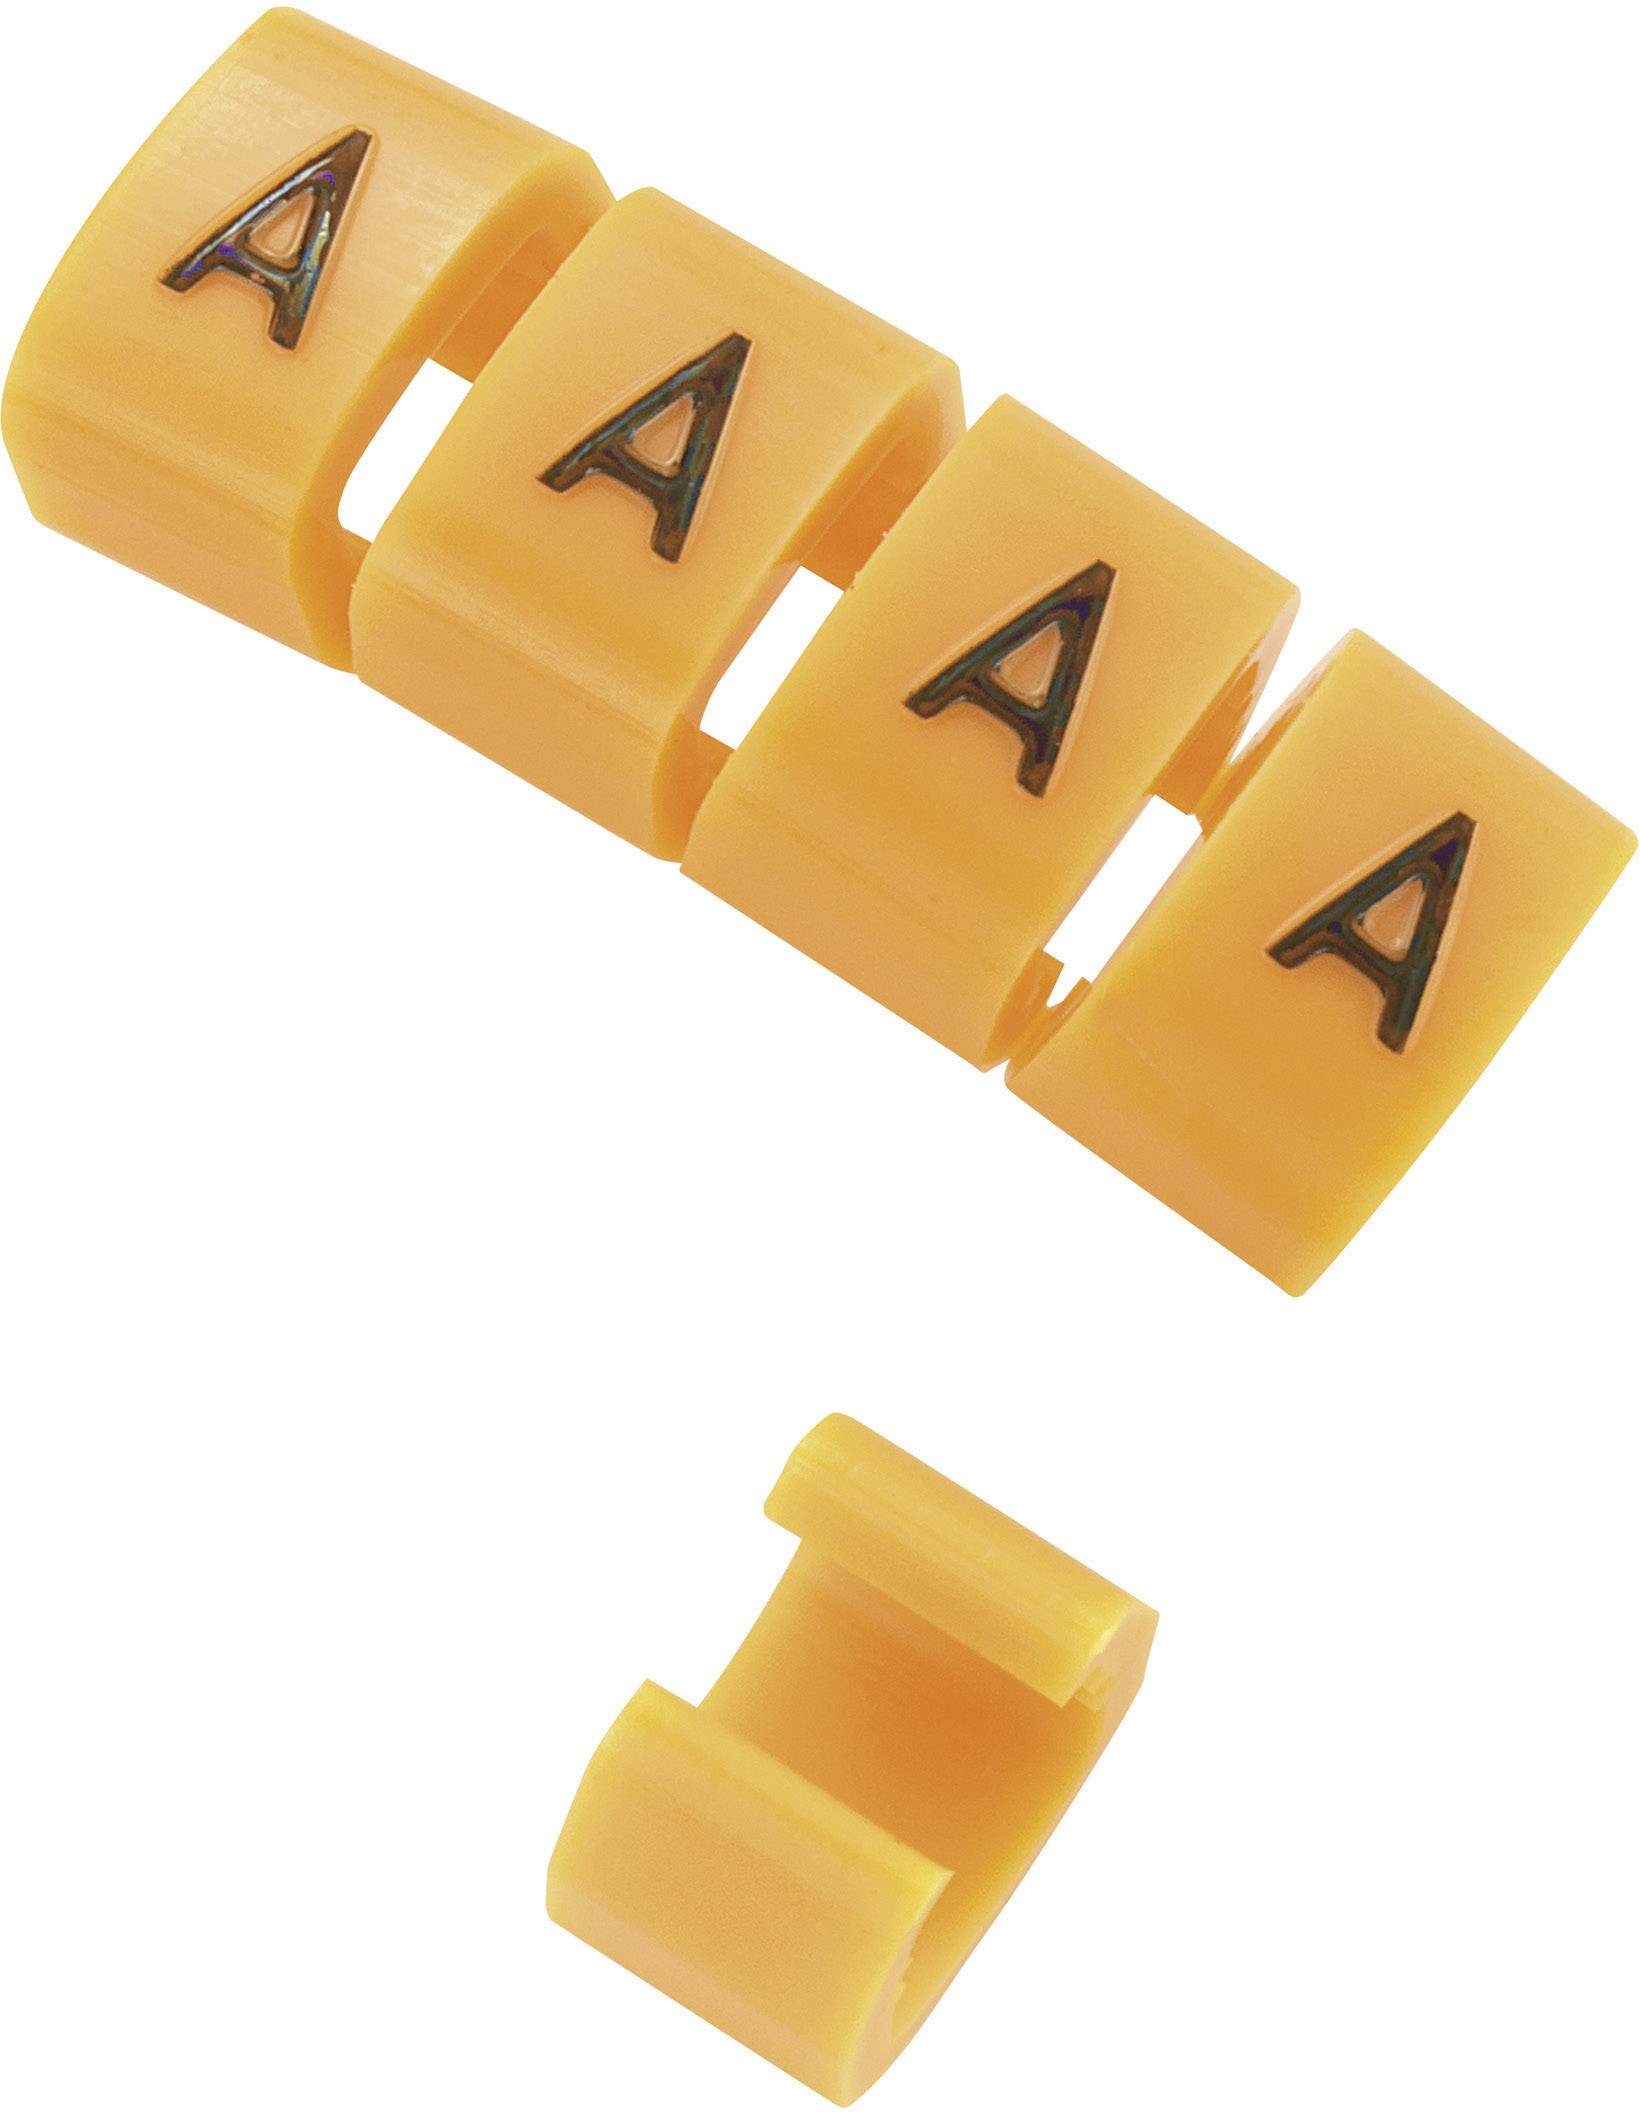 Označovacie objímka na káble KSS MB1/W, oranžová, 10 ks